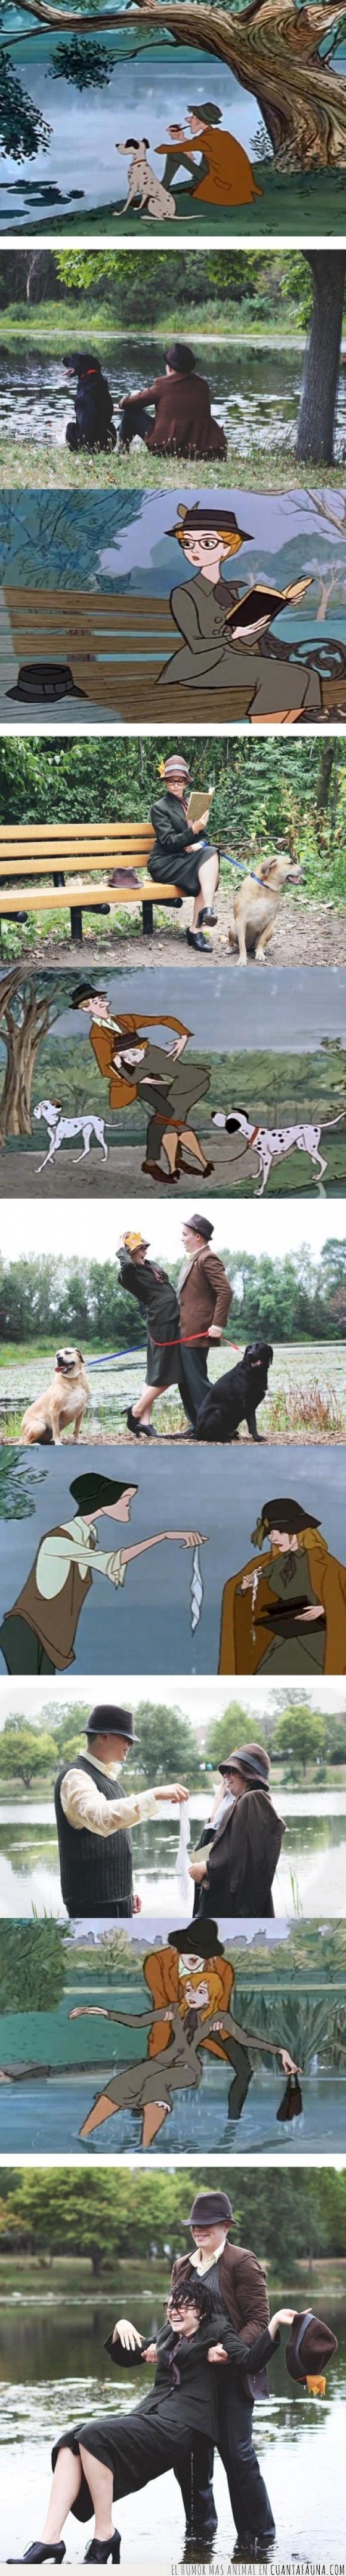 101 dalmatas,amor,disney,historia,película,perros,tierna